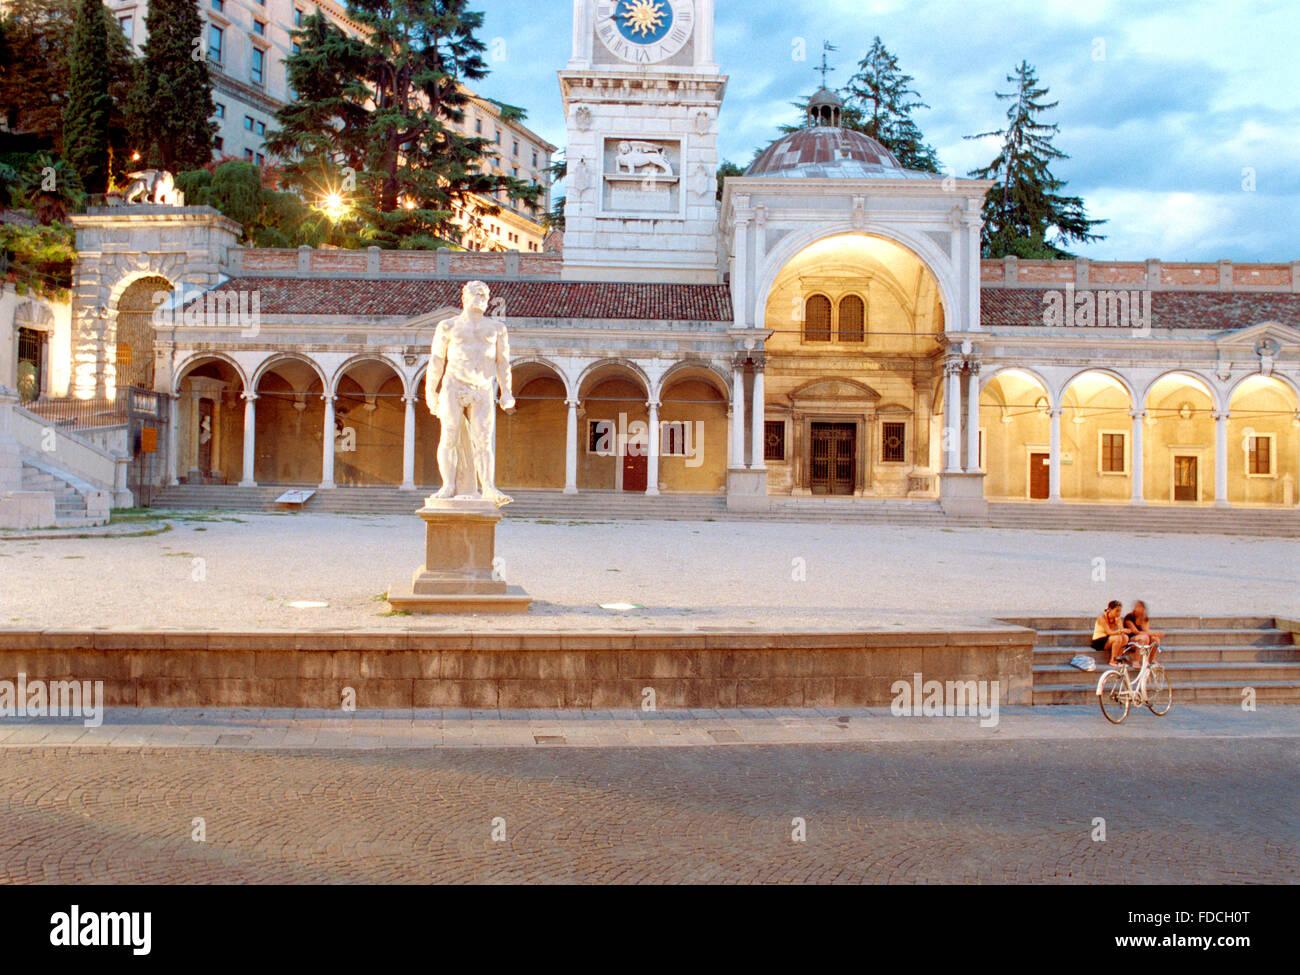 Italy, Friuli Venezia Giulia, Udine, Piazza della Libertà, Square, Loggia di San Giovanni. - Stock Image